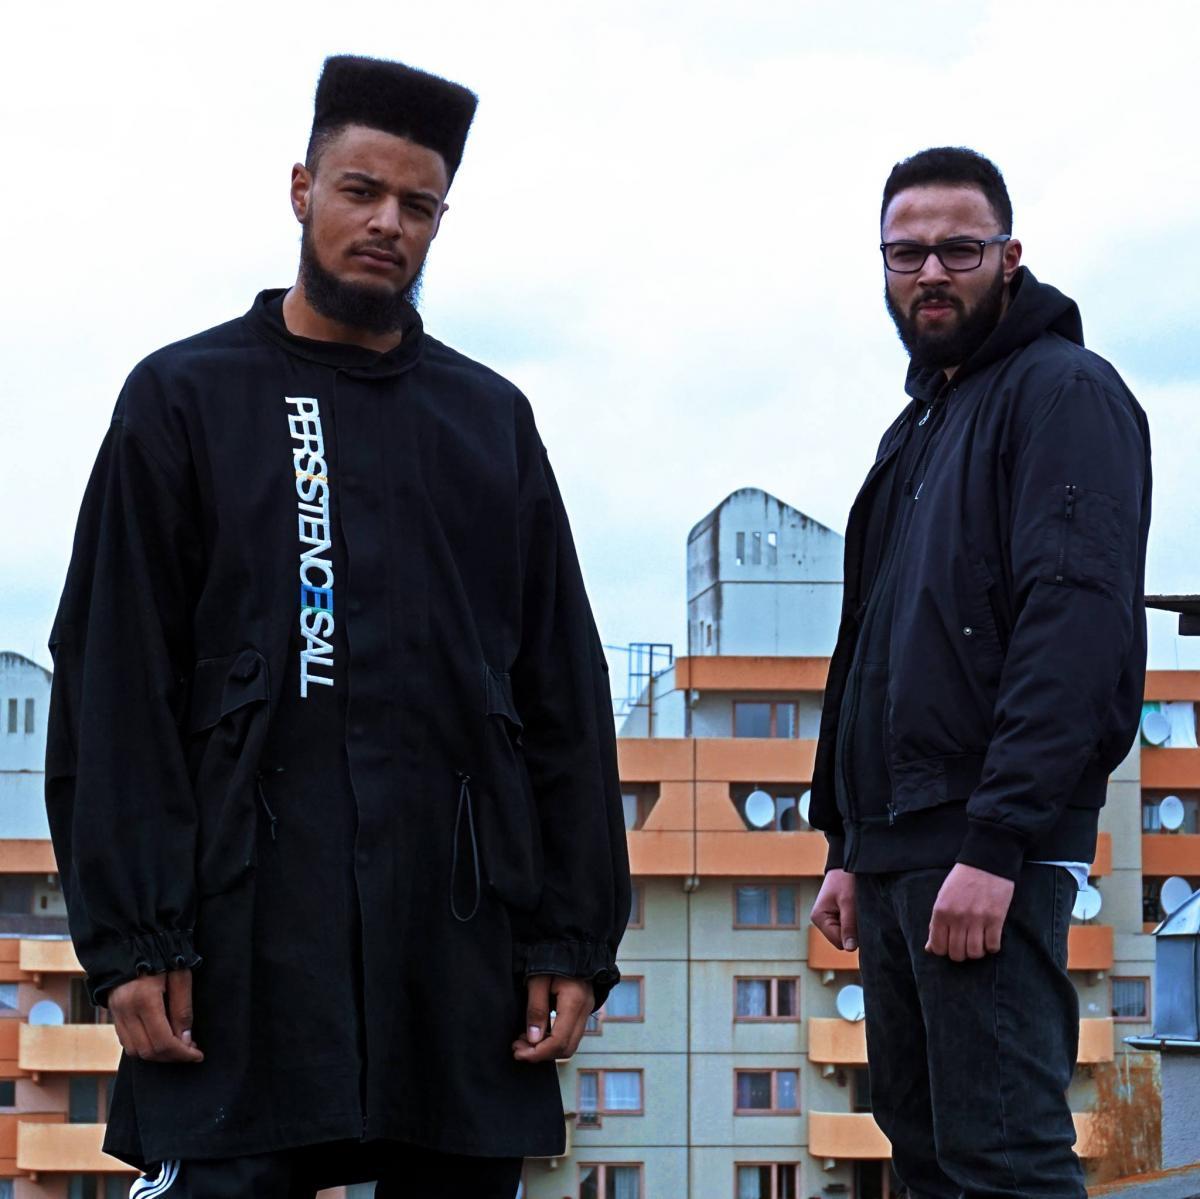 Upcoming: JTKa, Ill Lamothe - Flugmodus EP